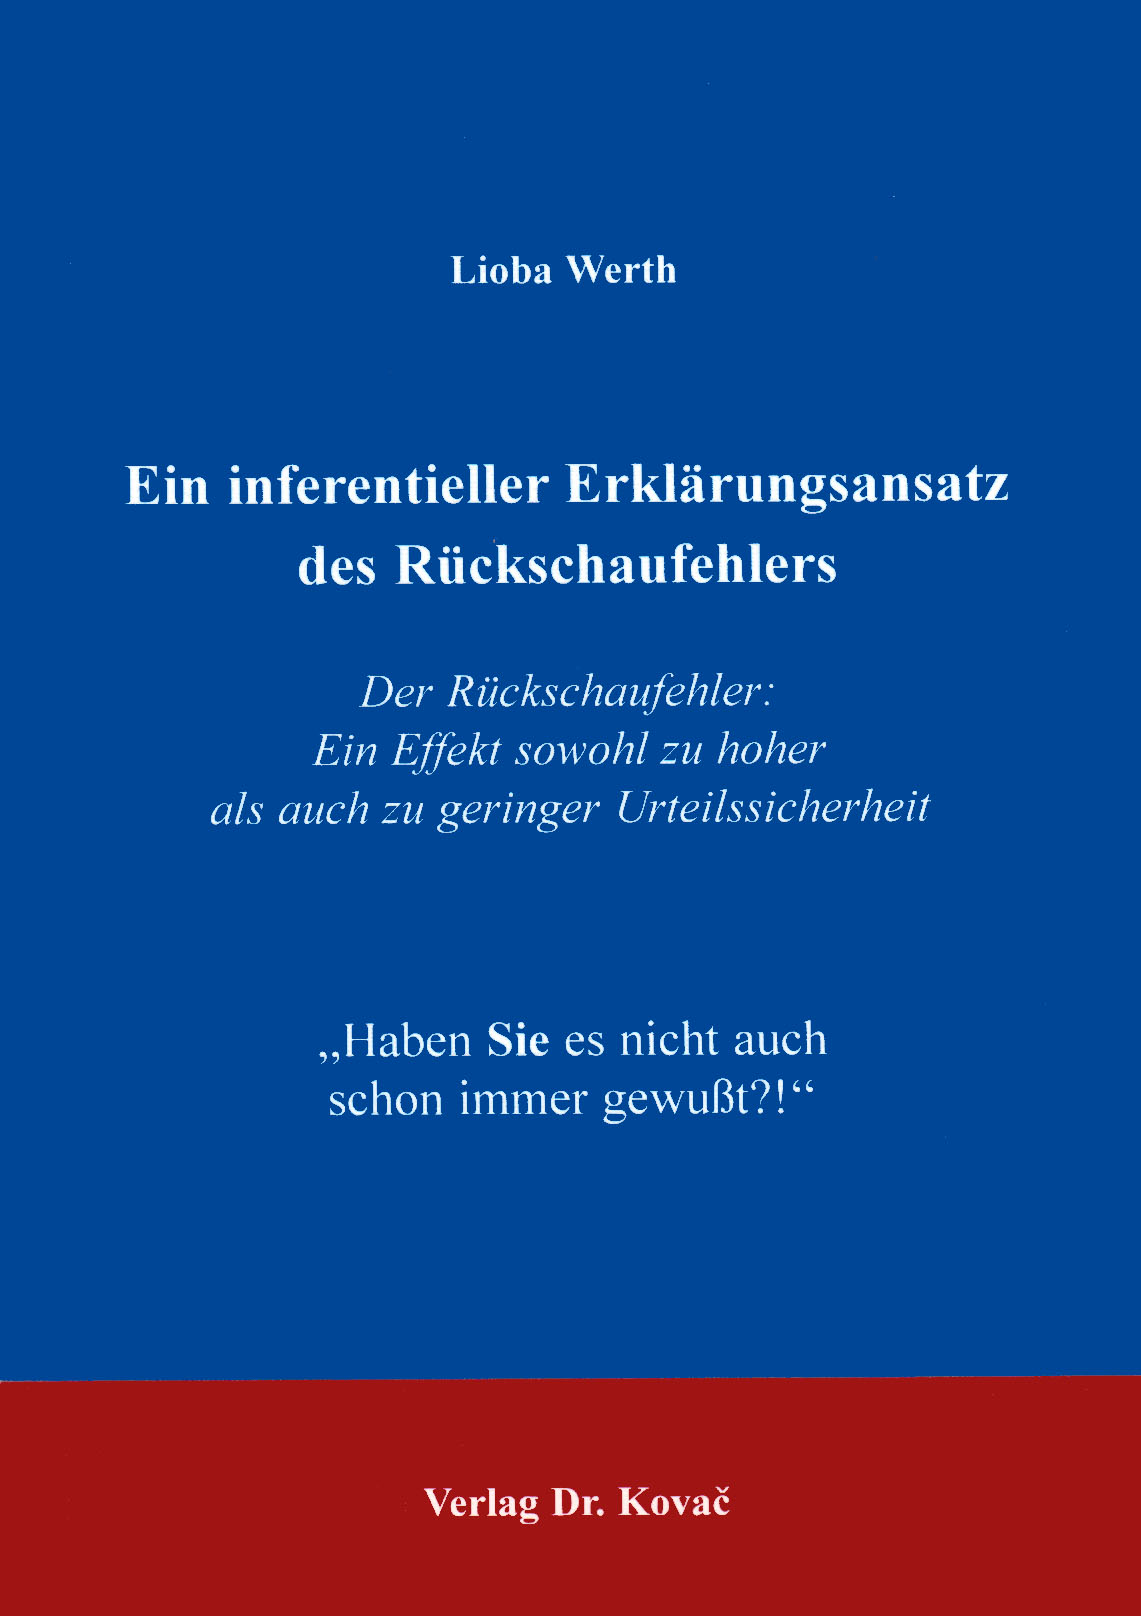 Cover: Ein inferentieller Erklärungsansatz des Rückschaufehlers